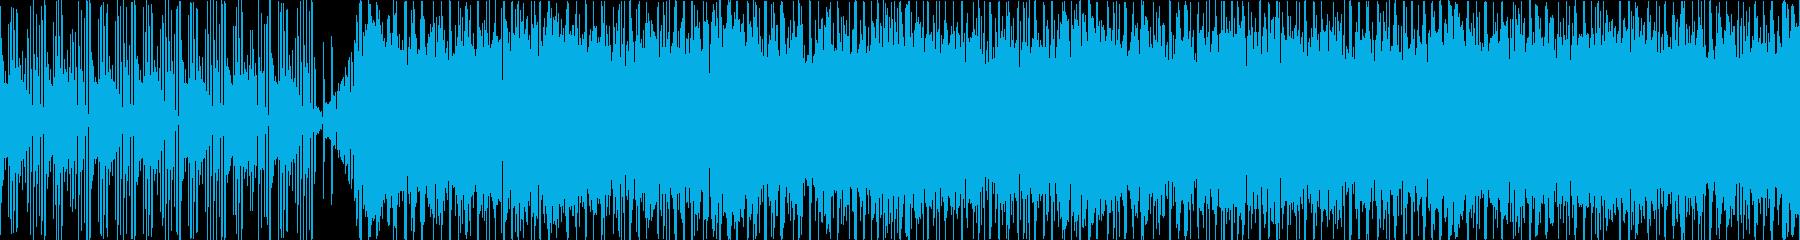 お洒落・ポジティブ・シンプルなBGM、2の再生済みの波形